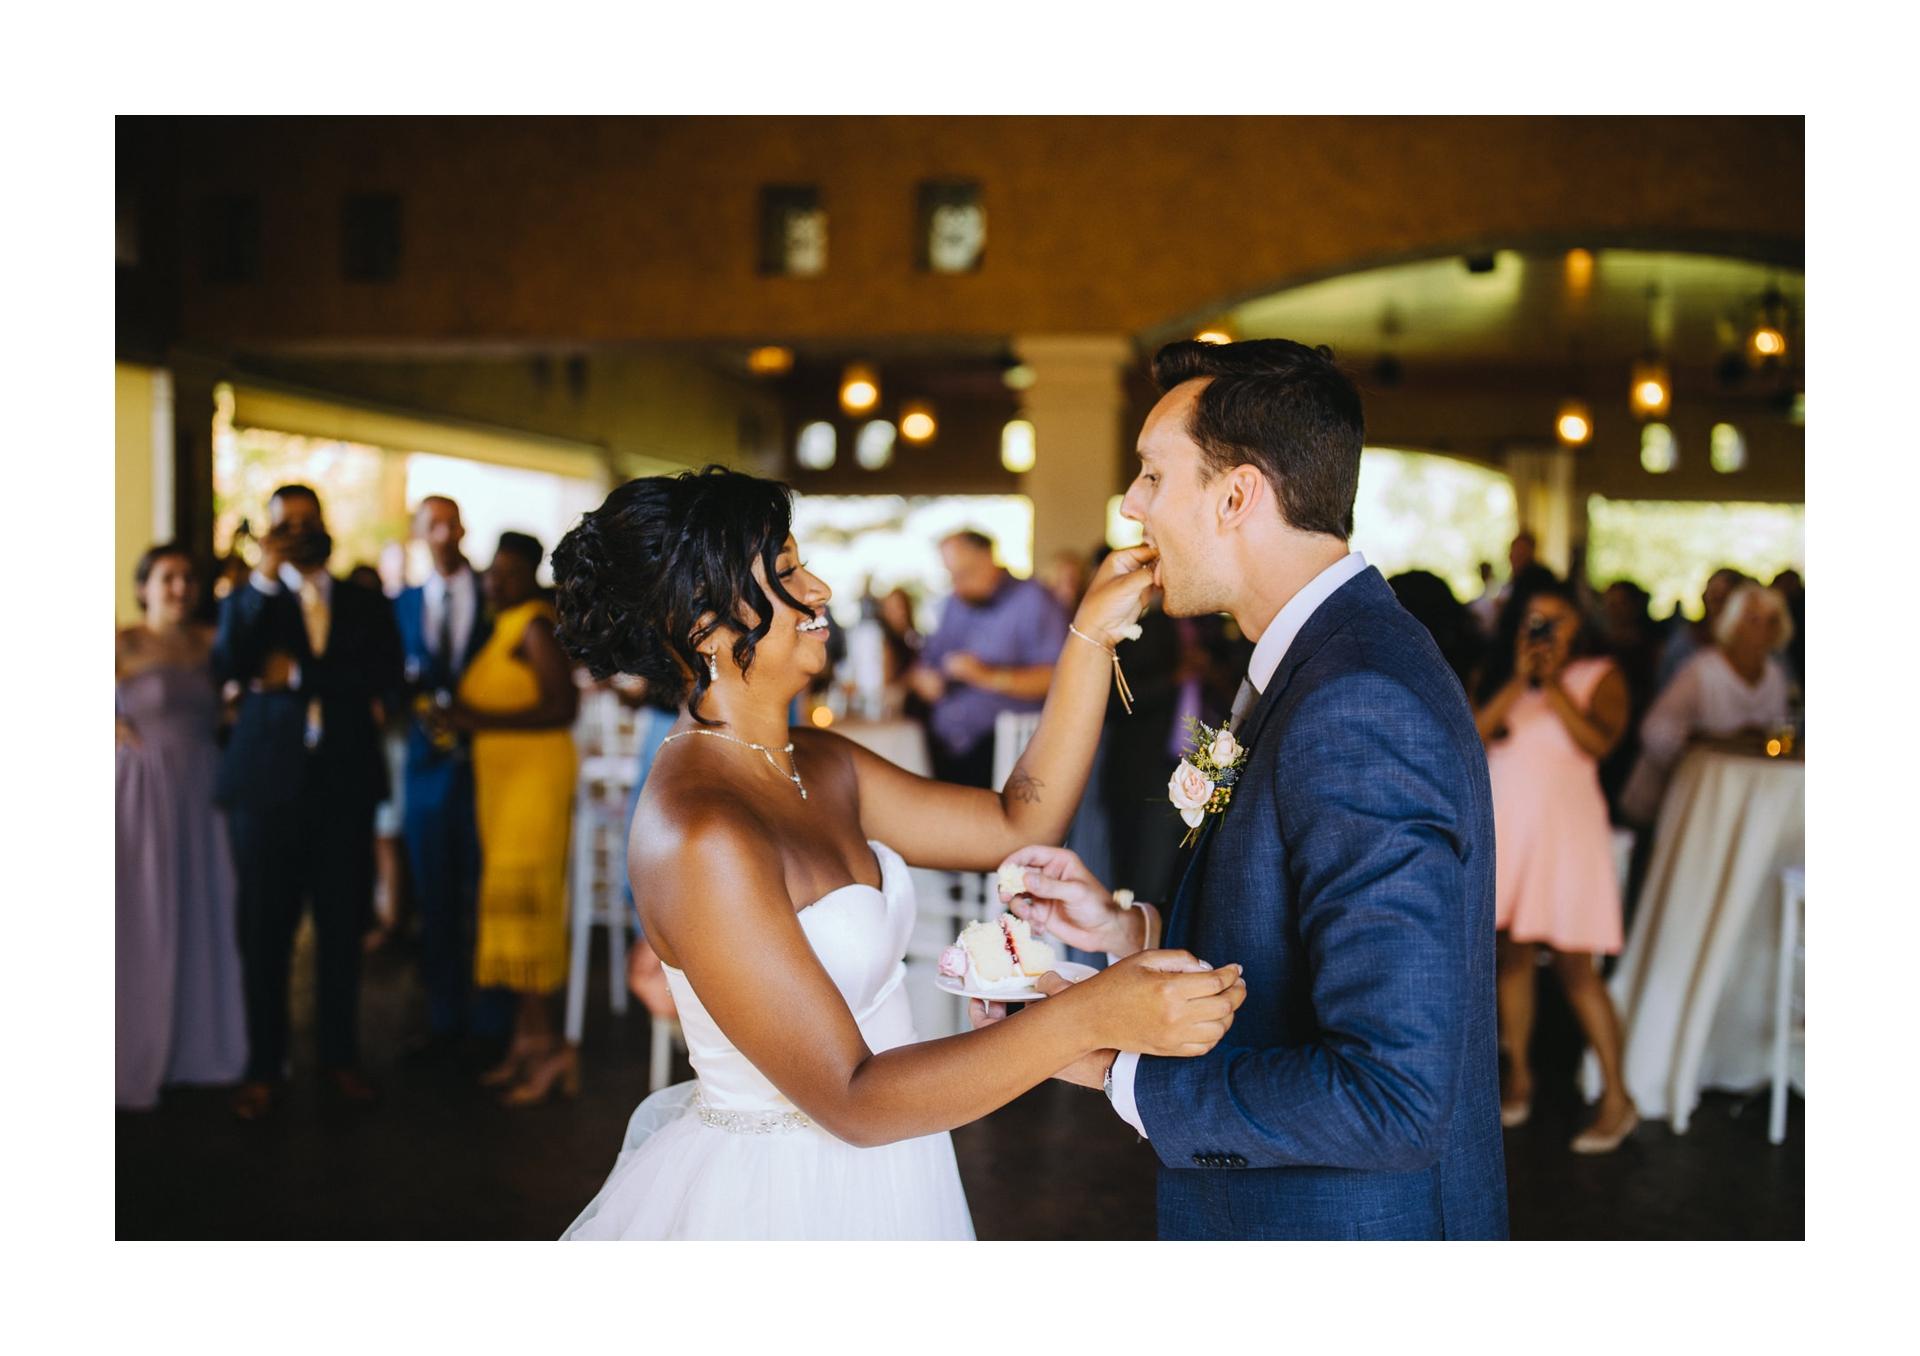 Gervasi Wedding Photographer in Canton Ohio 79.jpg